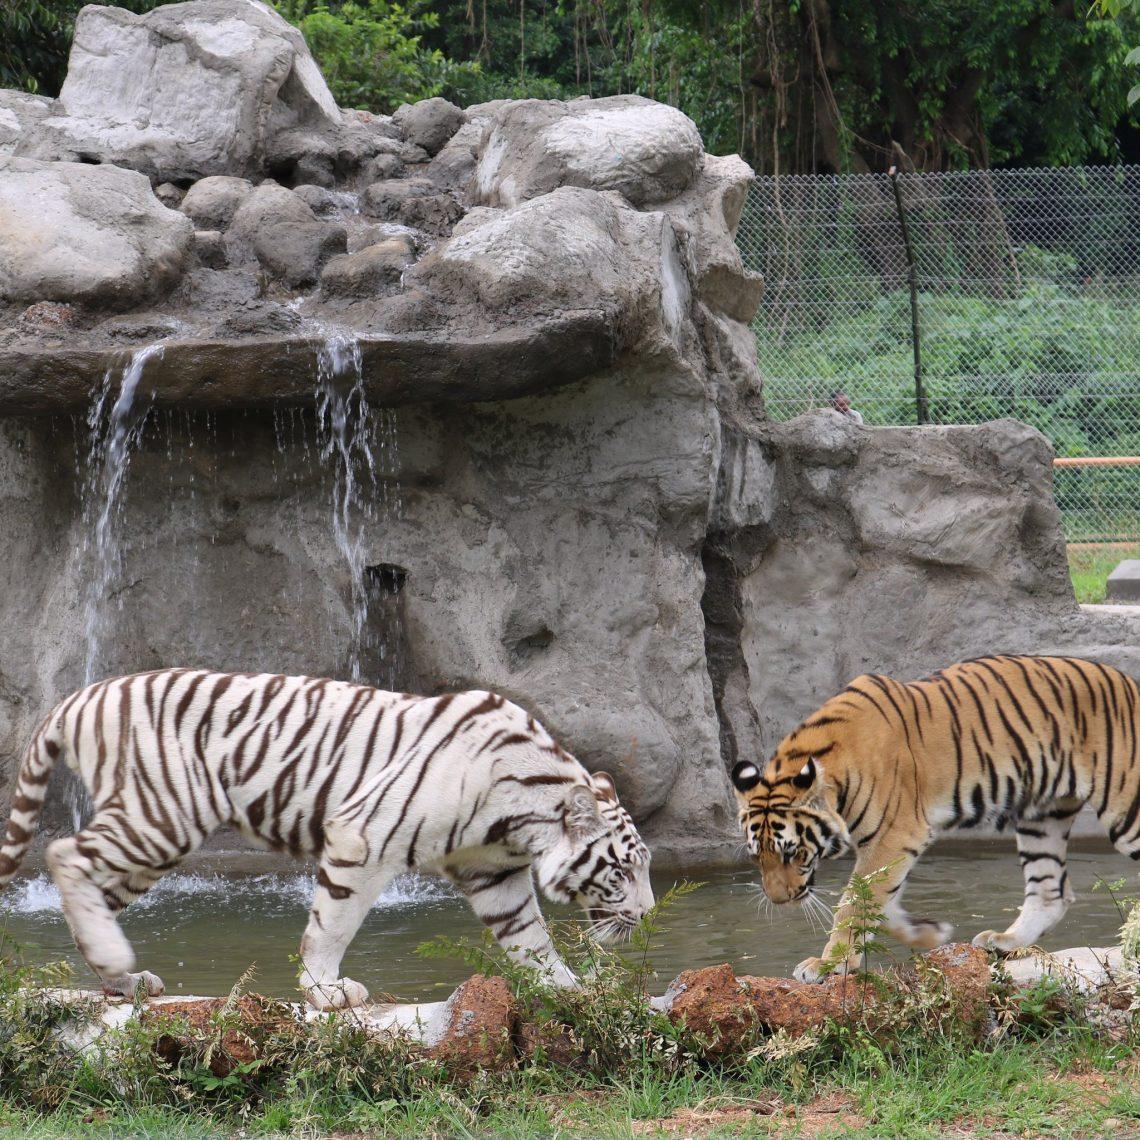 عودة النمور إلى أوغندا بعد توقف دام 40 عامًا